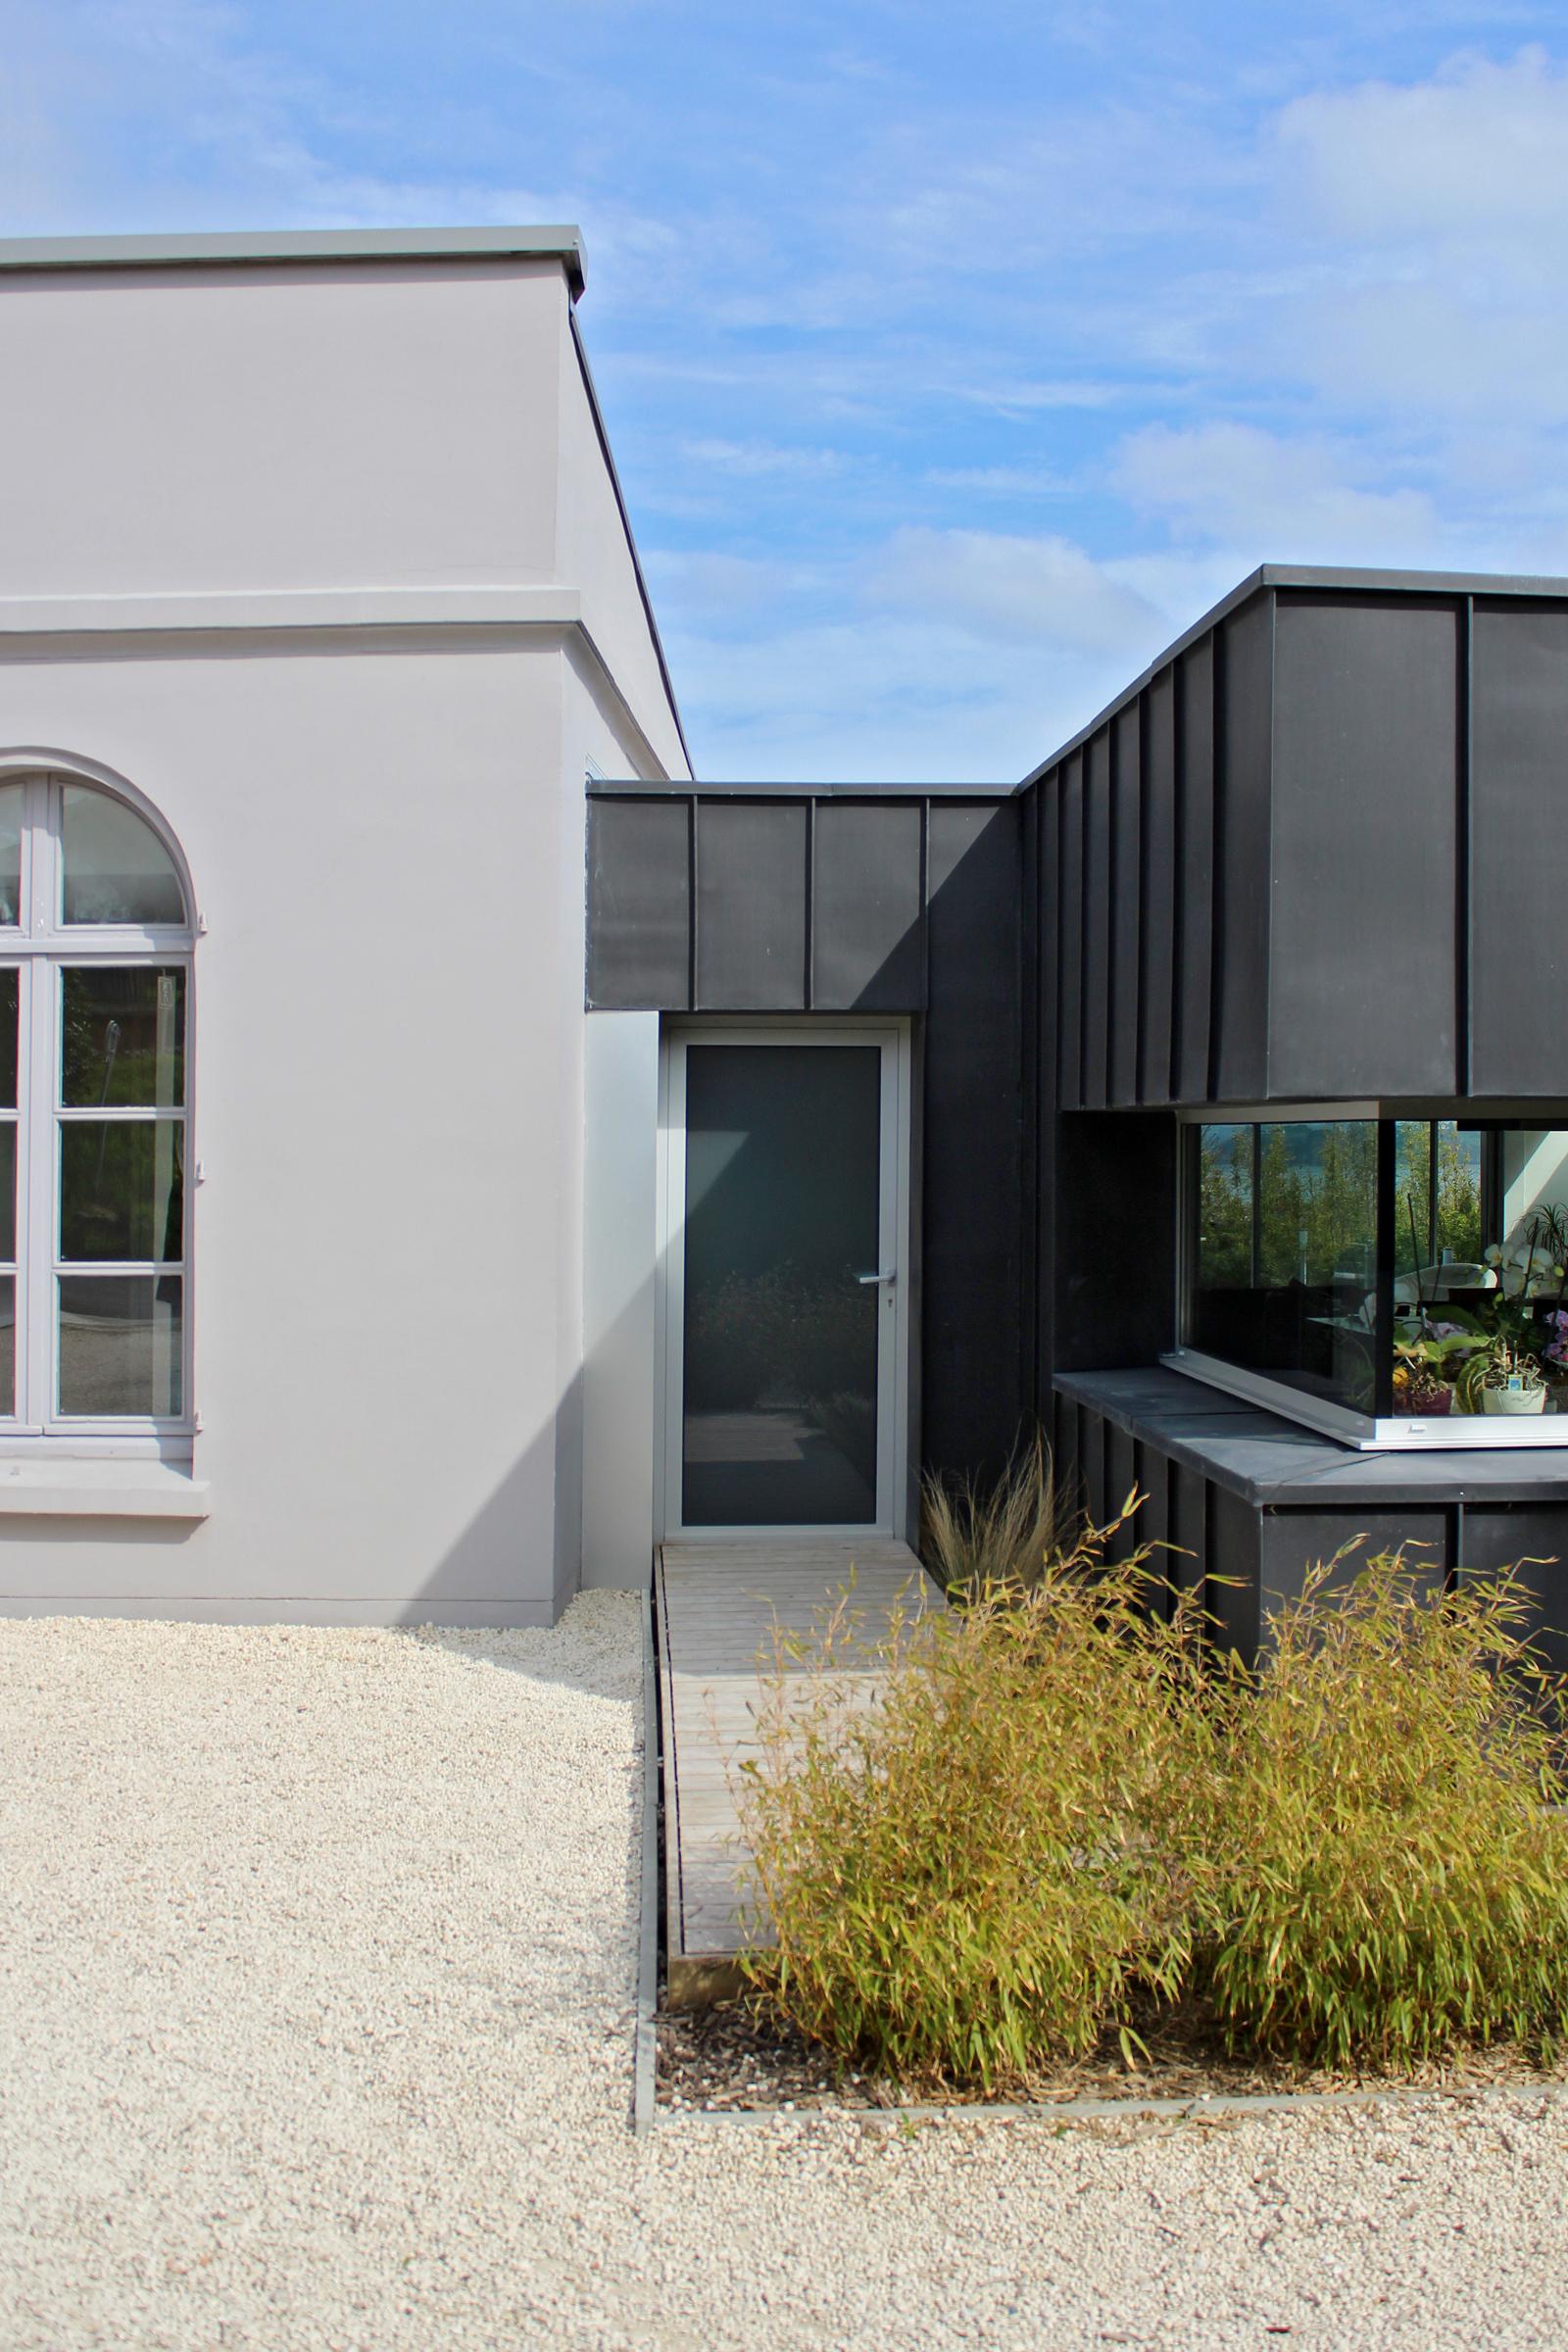 Extension Et R Habilitation D Une Maison D Habitation Saint Brieuc Maison C Ronan Cariou